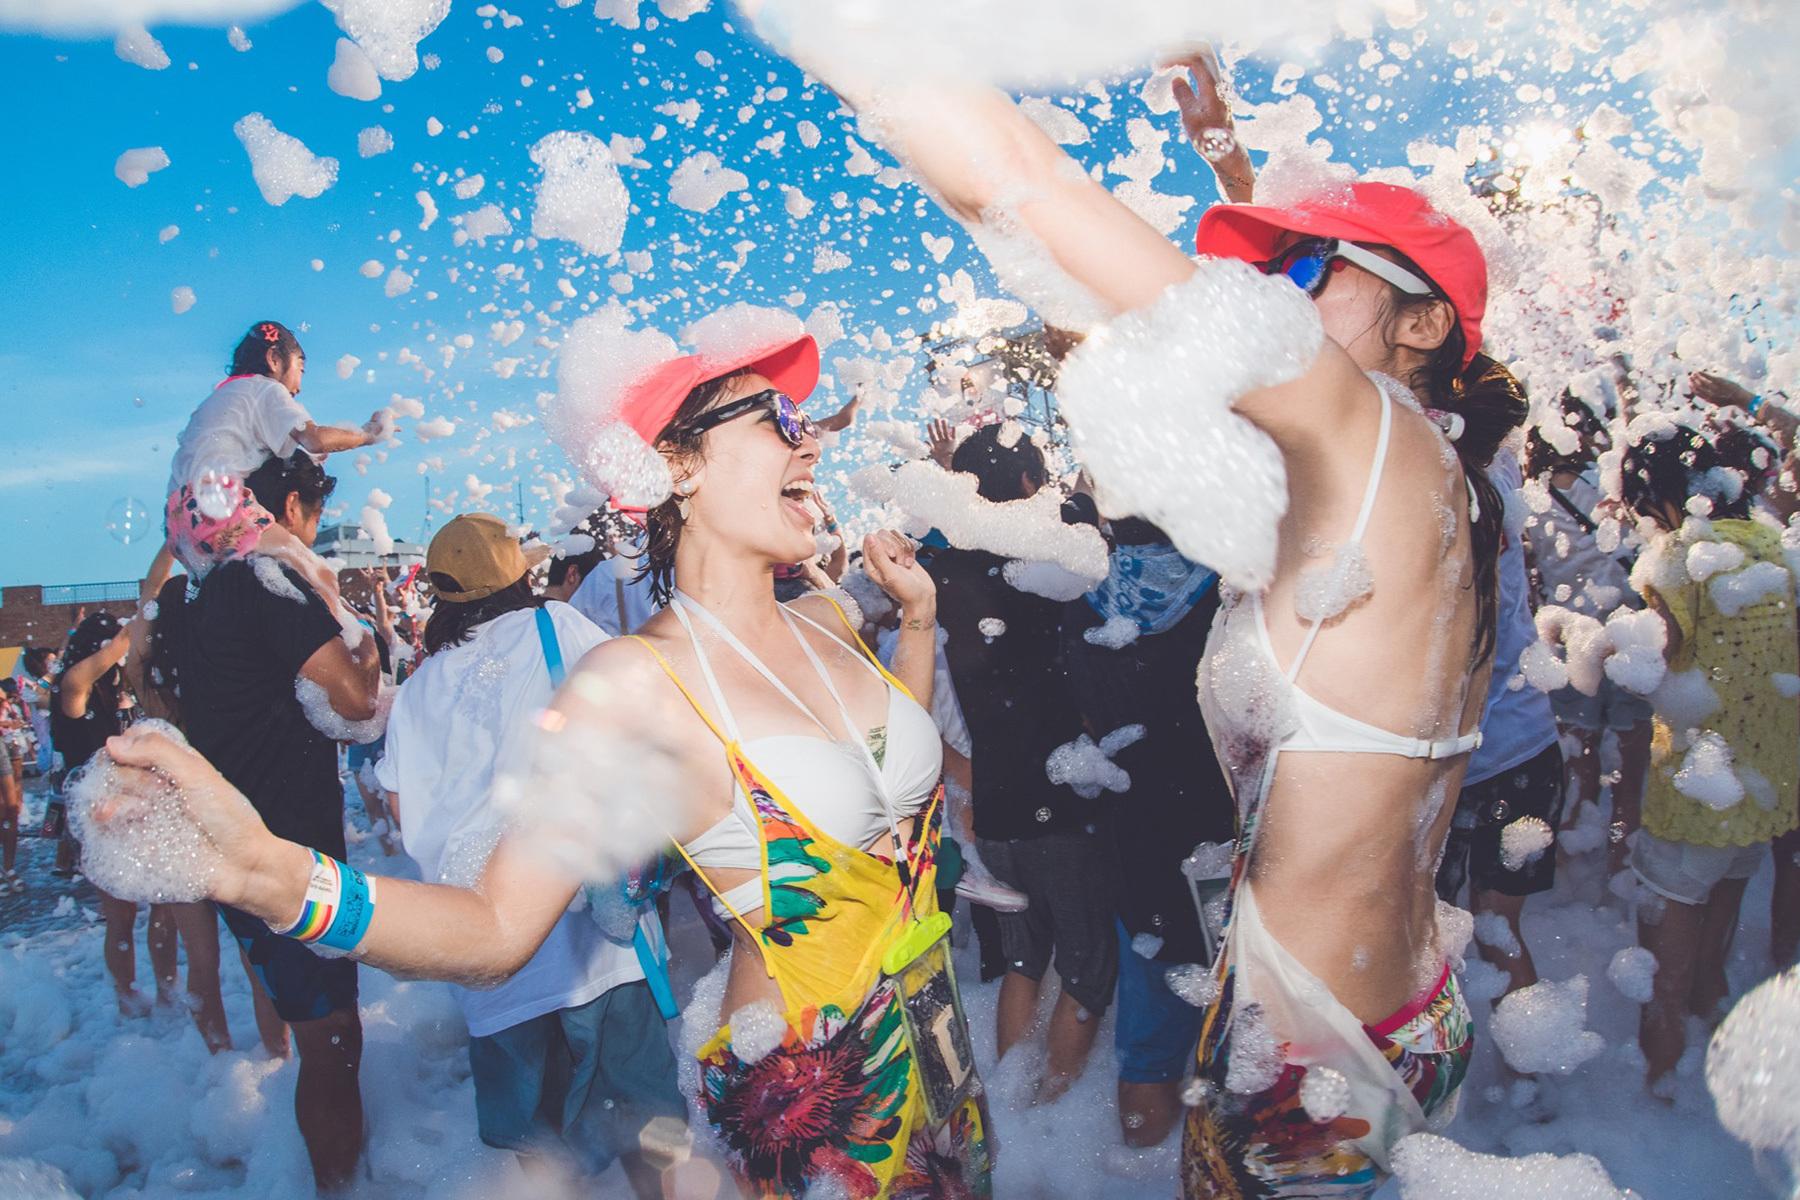 泡まみれになって踊る「泡パ」「泡フェス」